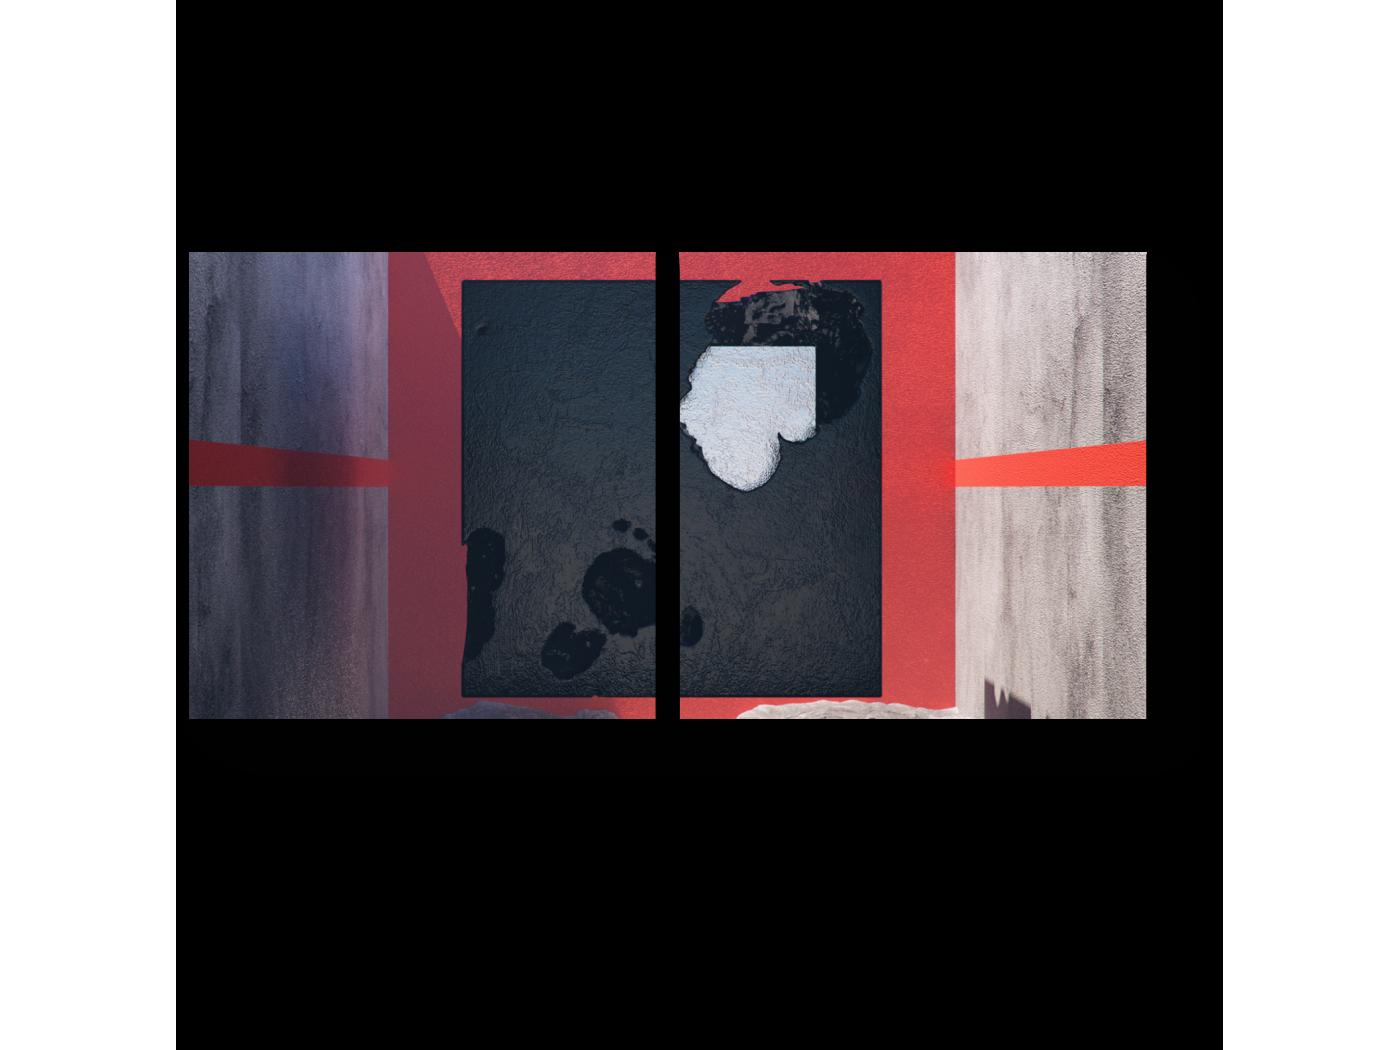 Модульная картина Между стен (40x20) фото